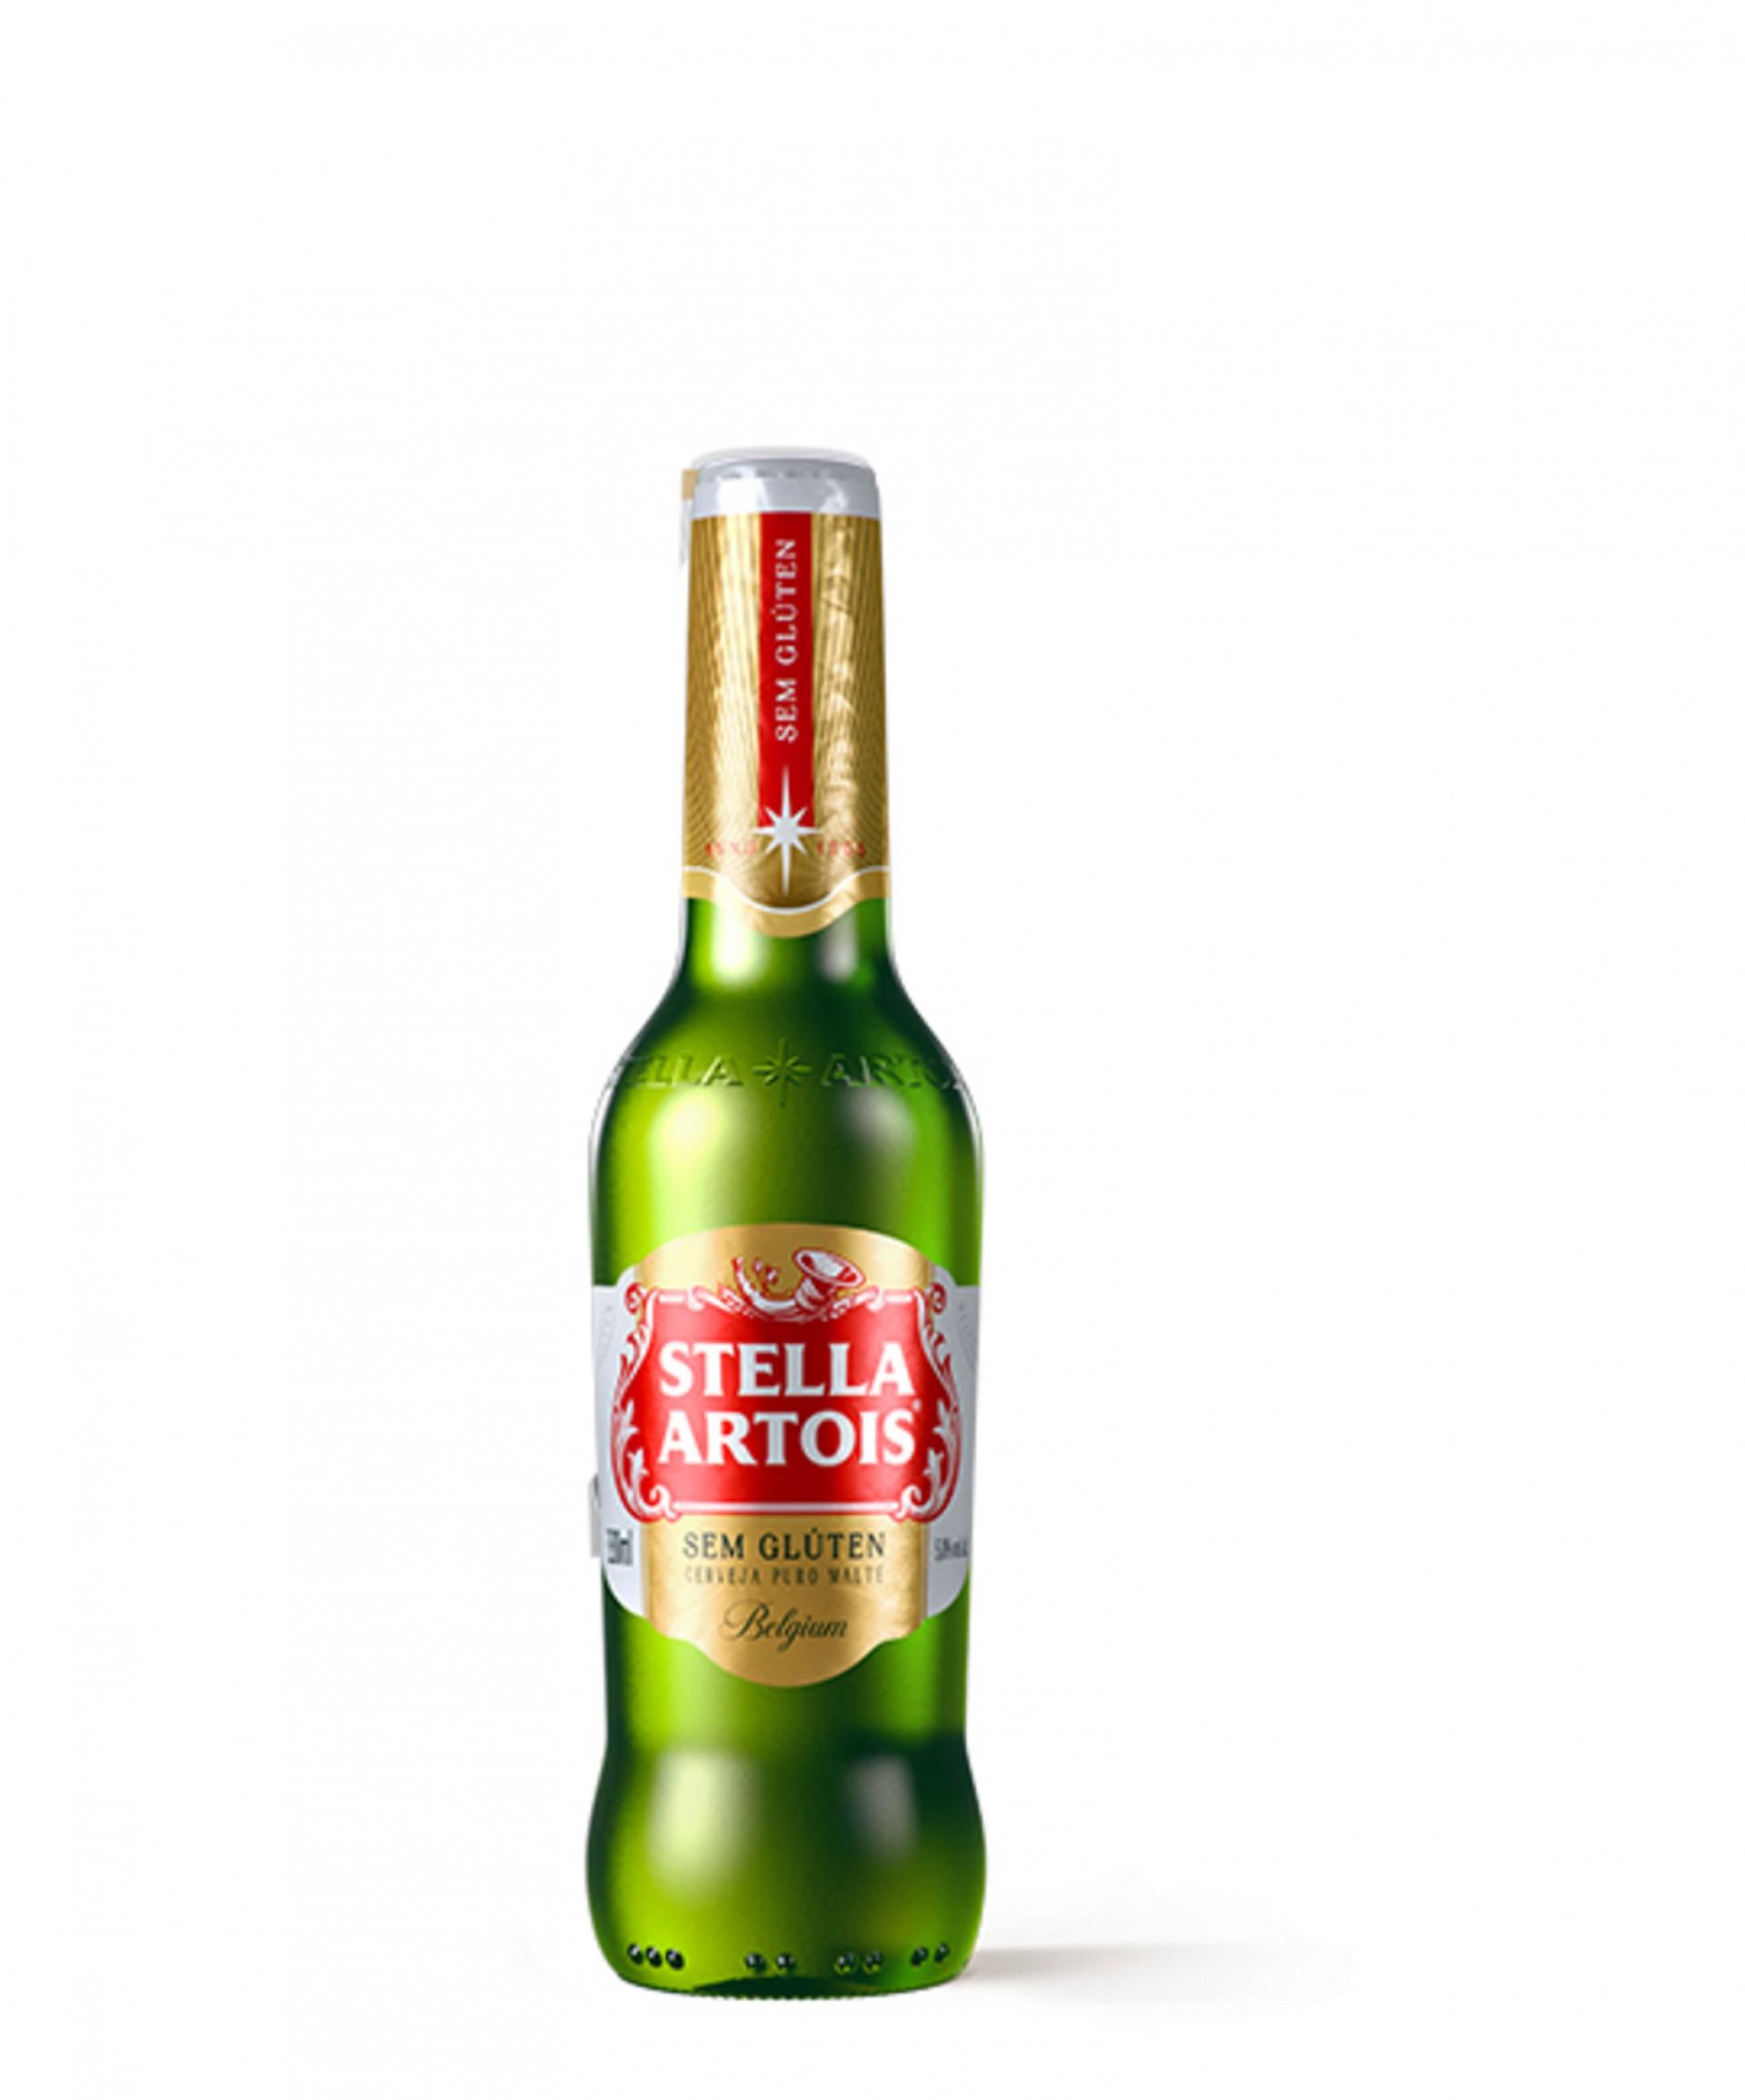 (Foto: Reprodução/Site da Ambev)Stella Artois Sem Glúten (330ml) - Ingredientes: Água, malte e lúpulo nobre. Teor alcóolico de 5%. Preço consultado no iFood: R$ 5,24